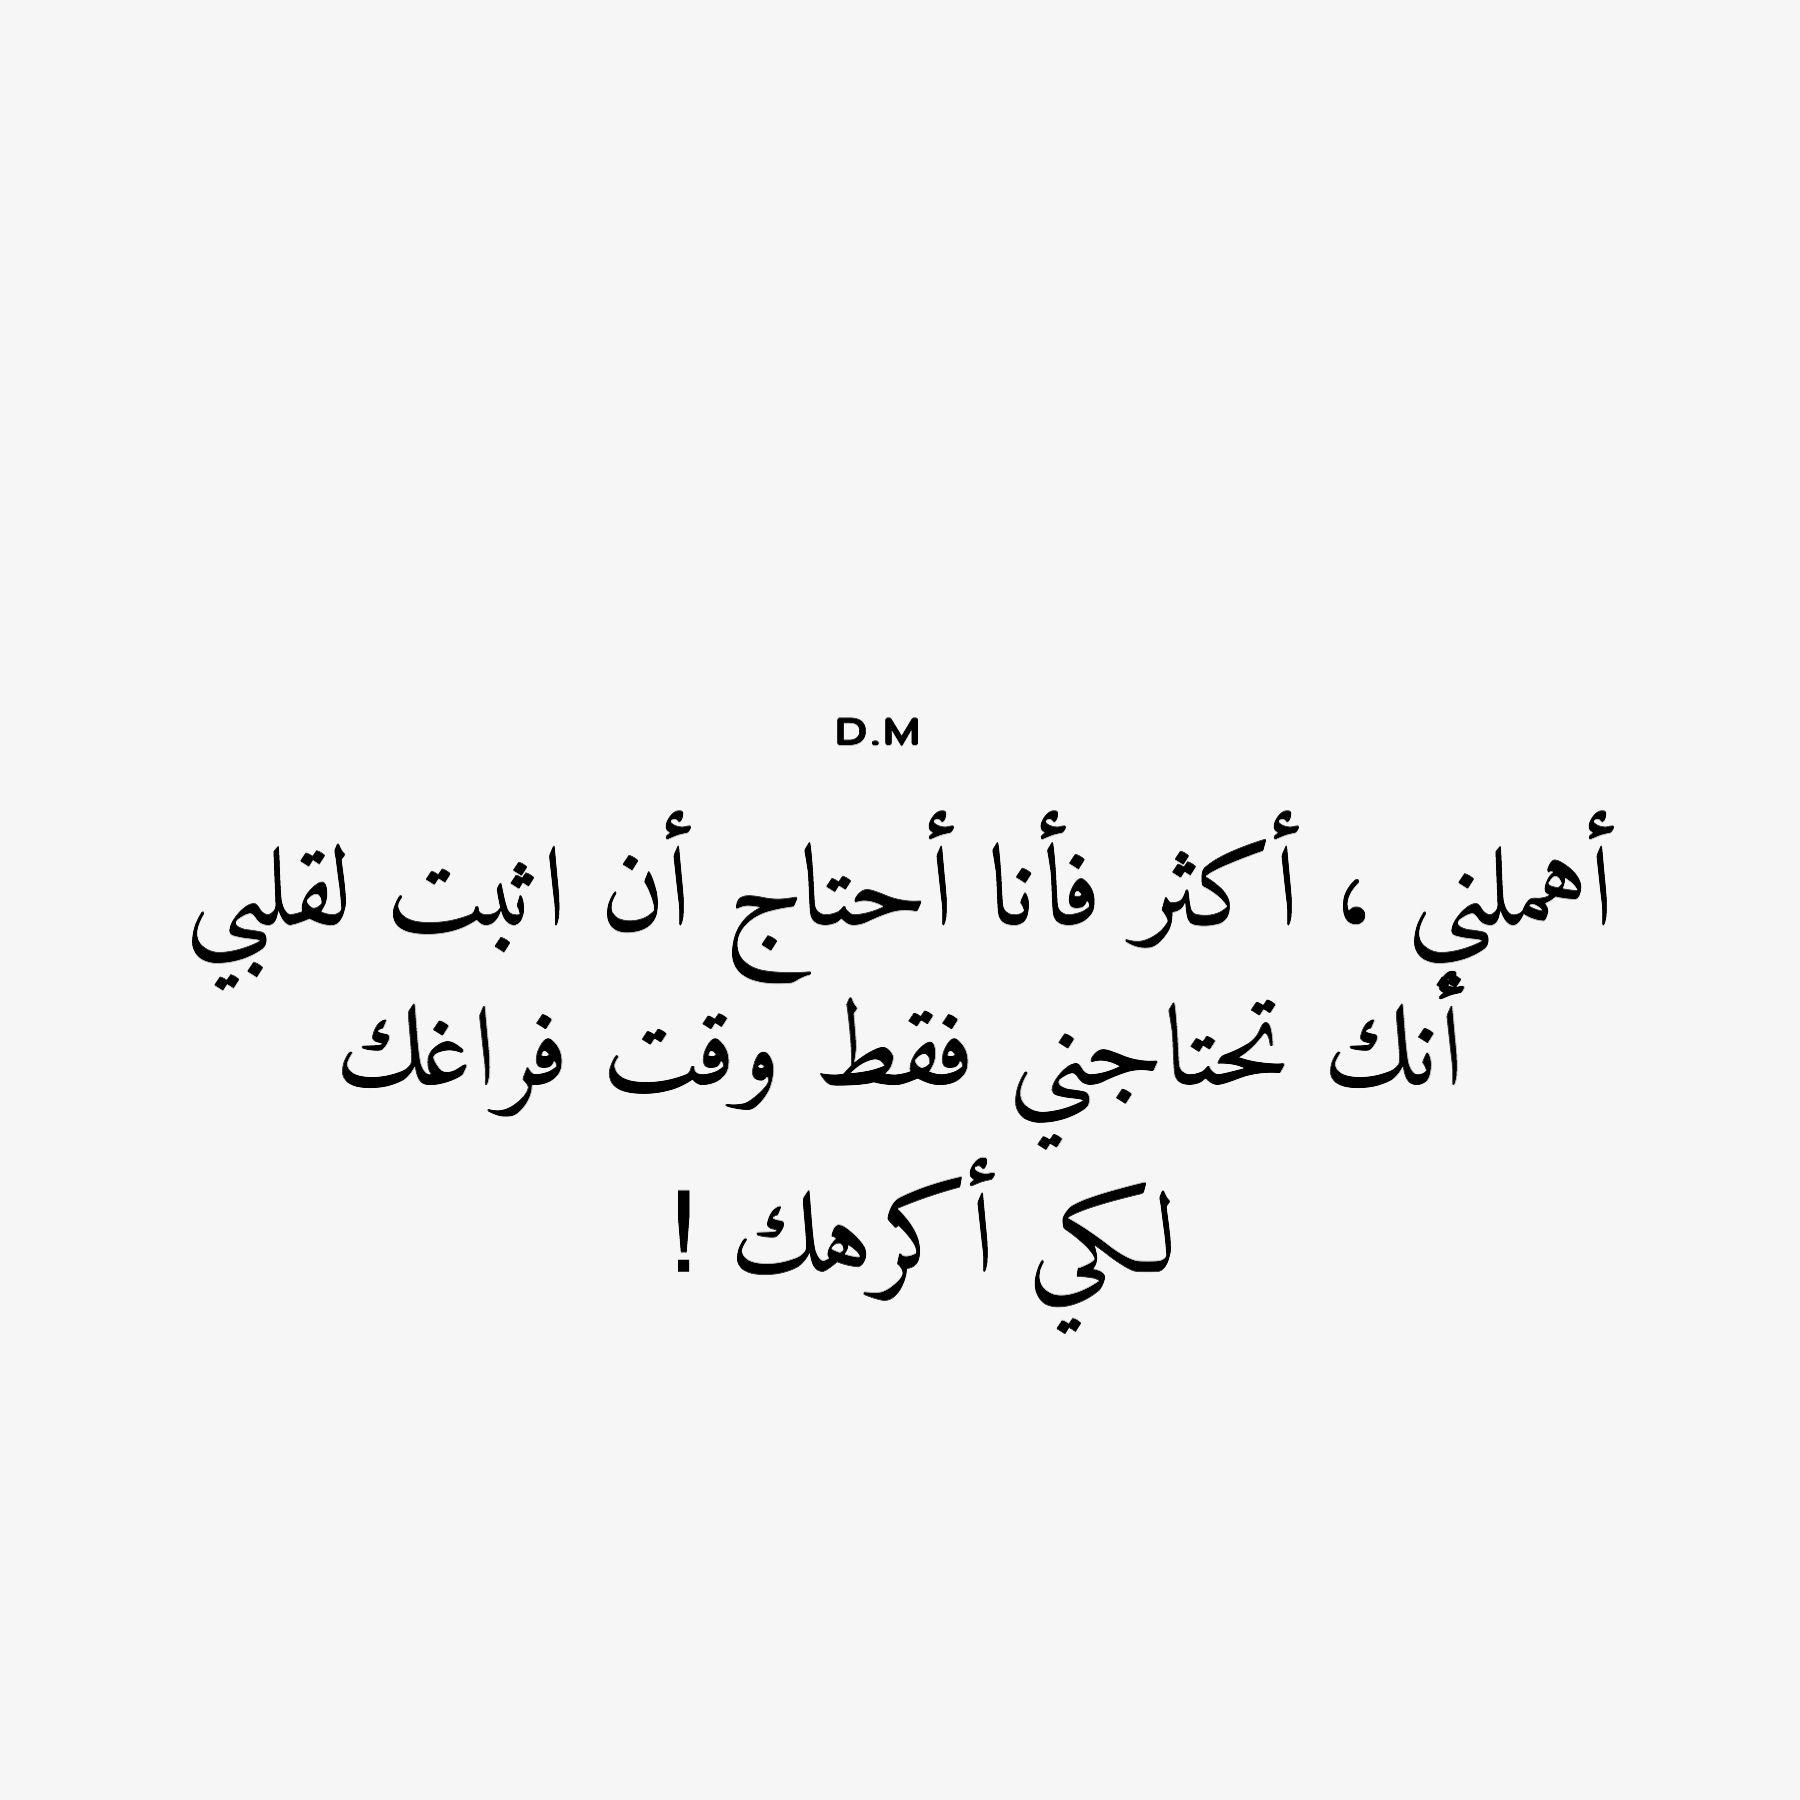 حاولتي كتير و منظرك وحش Words Quotes Cool Words Islamic Quotes